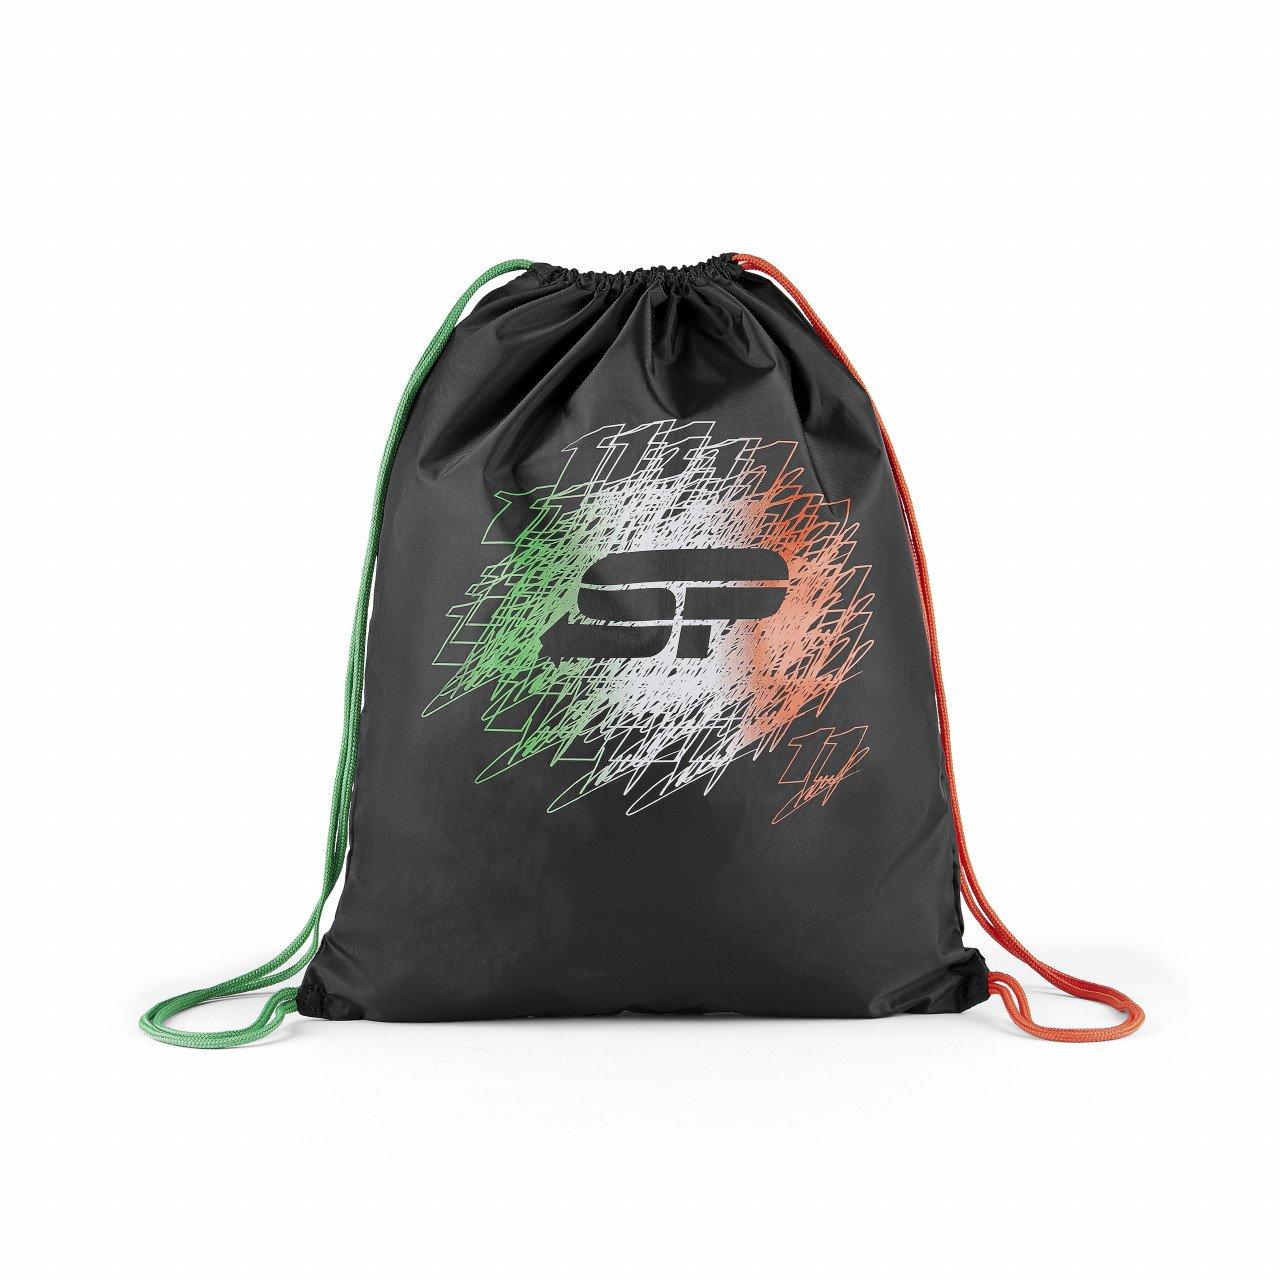 Bolsa deportiva Sergio Pérez  / 2019 Checo Perez Sport Bag